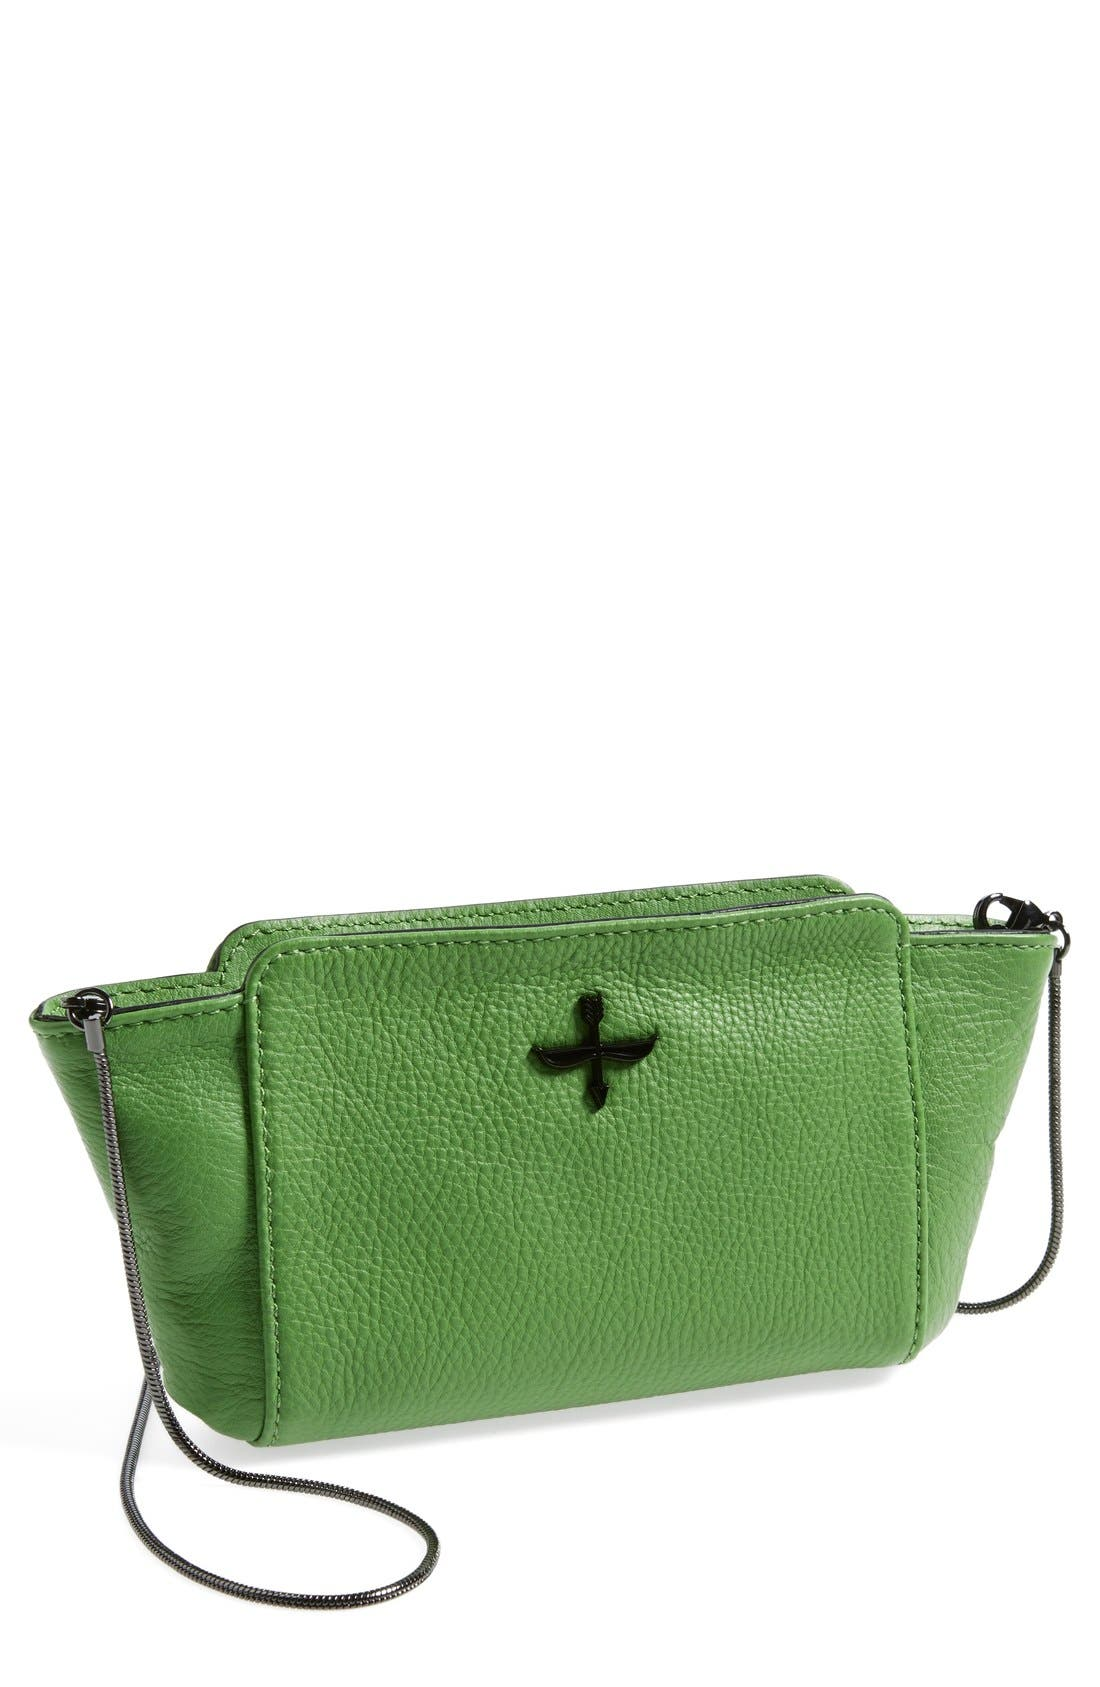 Alternate Image 1 Selected - Pour la Victoire 'Elle - Mini' Crossbody Bag